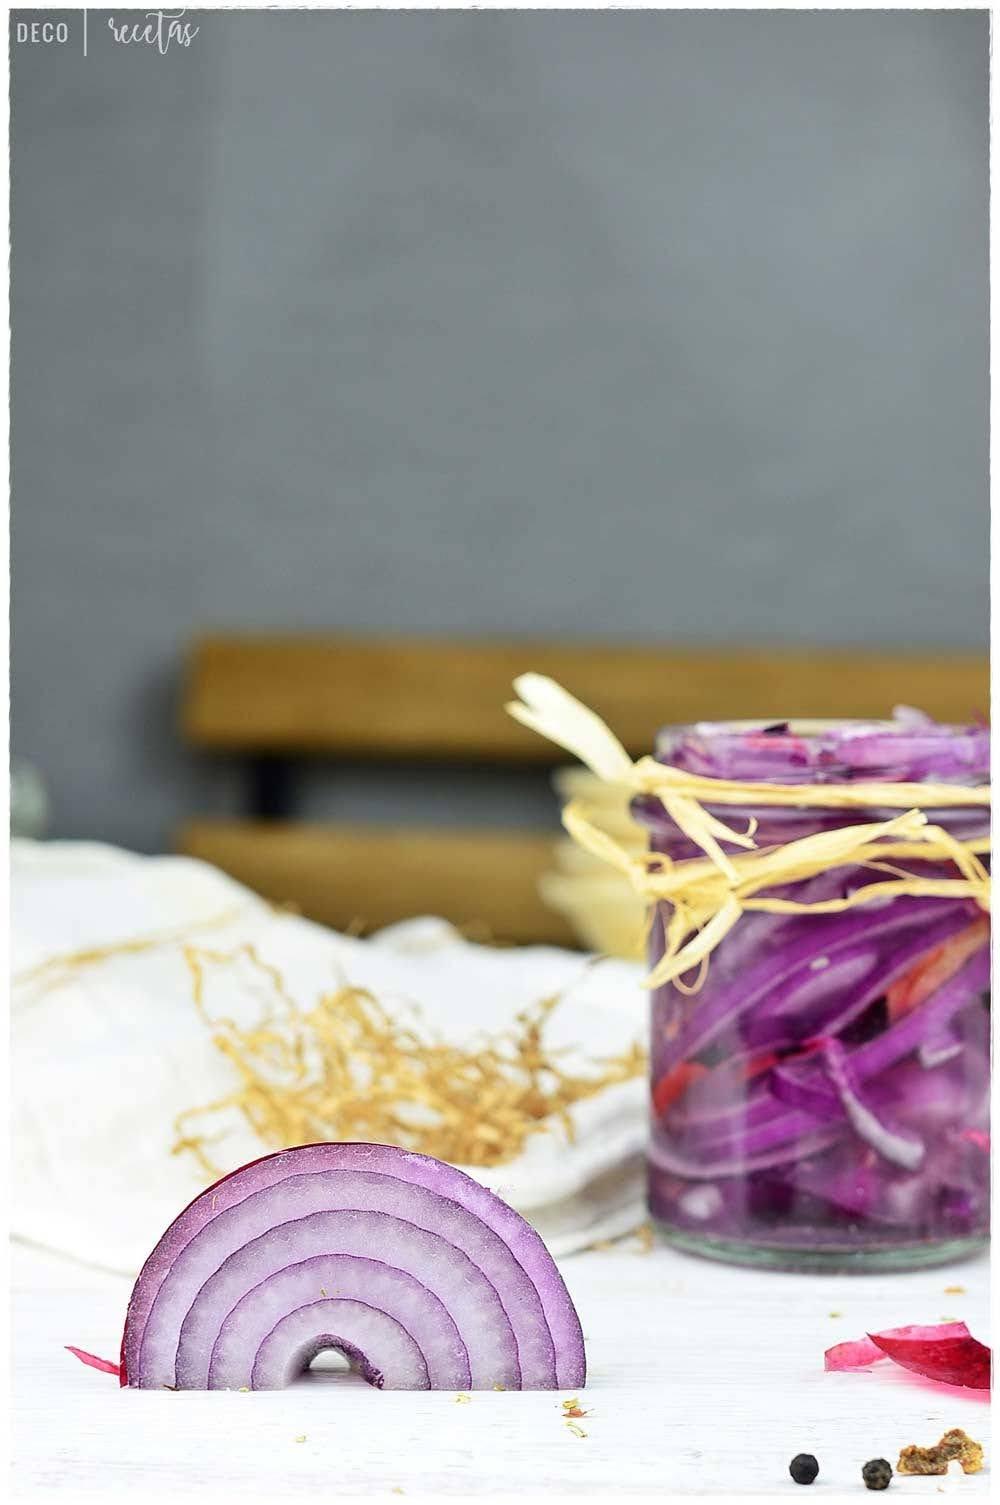 cebolla y sus propiedades cebolla con vinagre cebolla en vinagre cebolla morada recetas